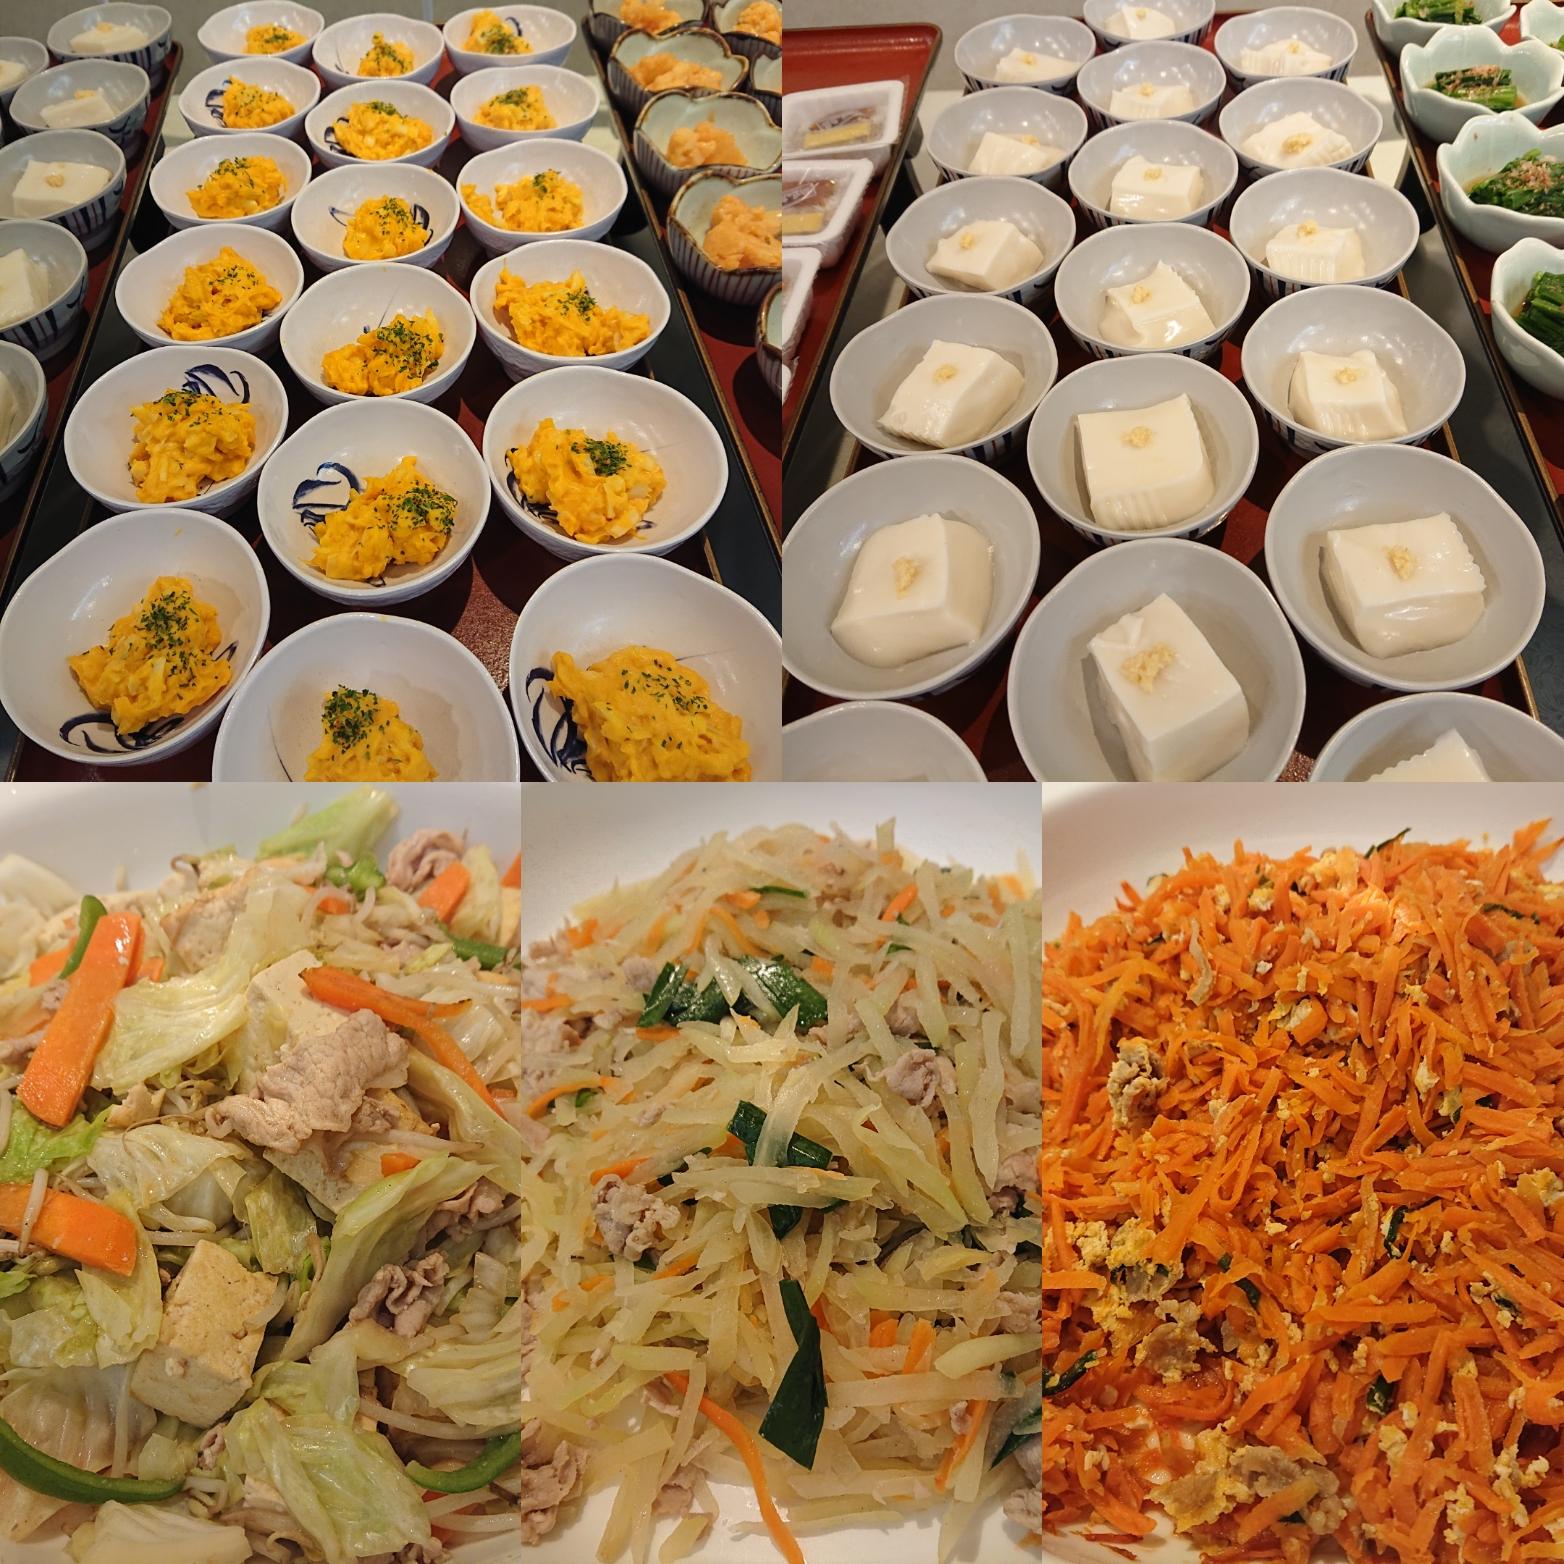 沖縄朝食料理でお待ち申し上げます。ホテルサンパレス球陽館